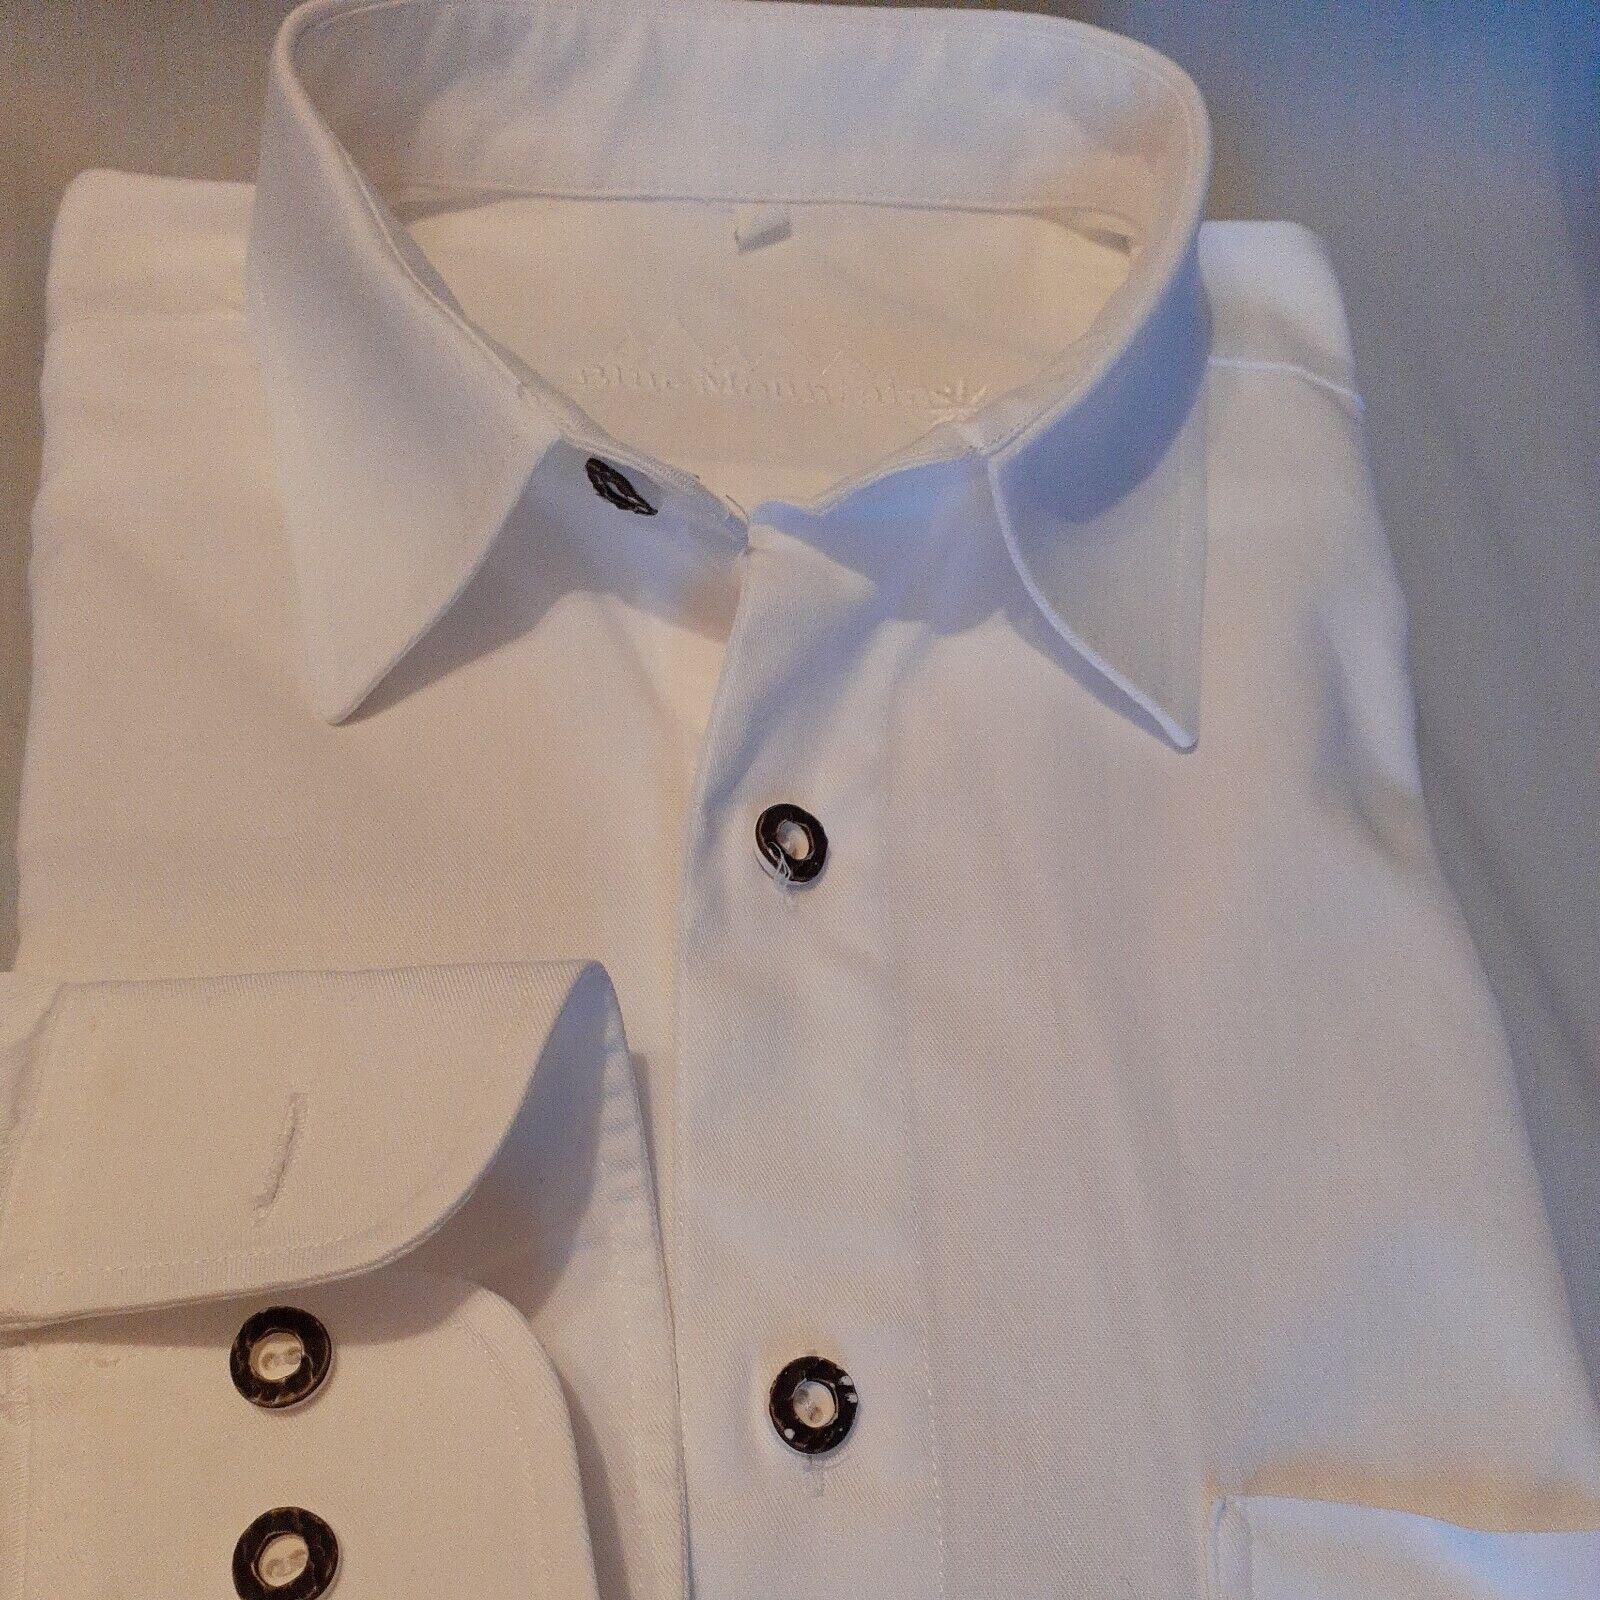 Trachten Hemd Gr L 41/42 Brust 62 cm Weiß Top Zust. Regular Stickerei Länge 86